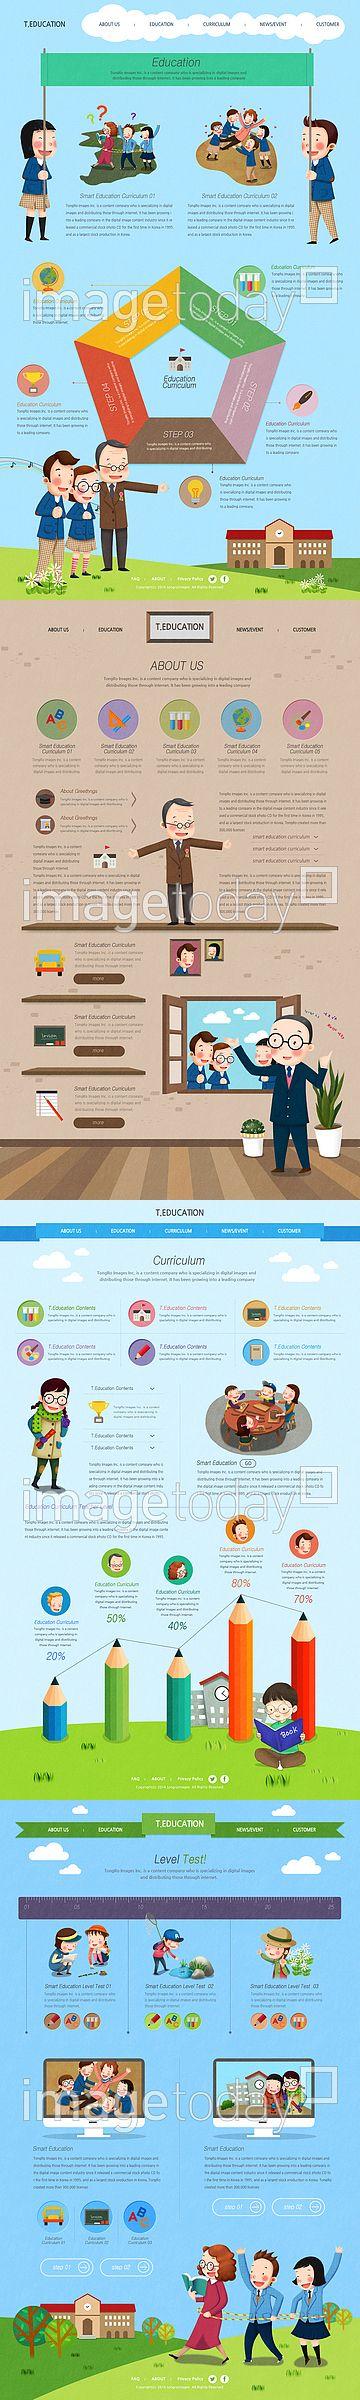 이미지투데이 웹페이지 웹콘텐츠 학생 이벤트템플릿 웹사이트 일러스트 청소년 귀여움 서브페이지 인포그래픽 다이어그램 막대그래프 imagetoday webpage web contents student cute subpage infographic diagram template website eventpage youth